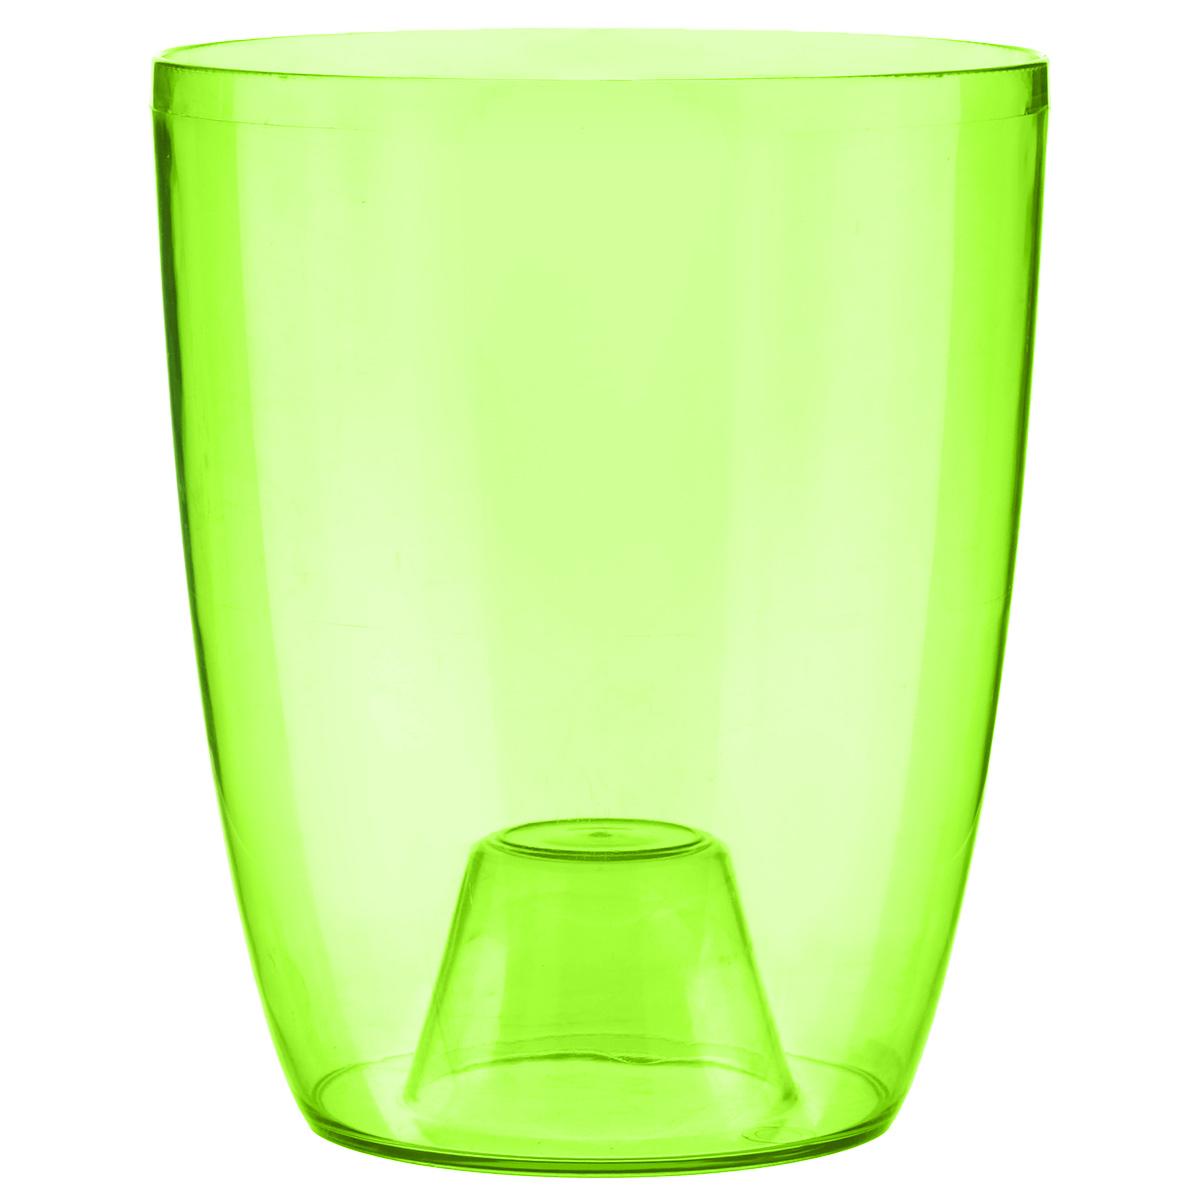 Кашпо Idea Орхидея, цвет: зеленый, диаметр 12,5 смМ 3147Кашпо Idea Орхидея изготовлено из прочного прозрачного полистирола (пластика). Изделие предназначено для выращивания растений и цветов в домашних условиях. Такое кашпо порадует вас современным дизайном и функциональностью, а также оригинально украсит интерьер помещения. Диаметр по верхнему краю: 12,5 см. Высота кашпо: 15 см.